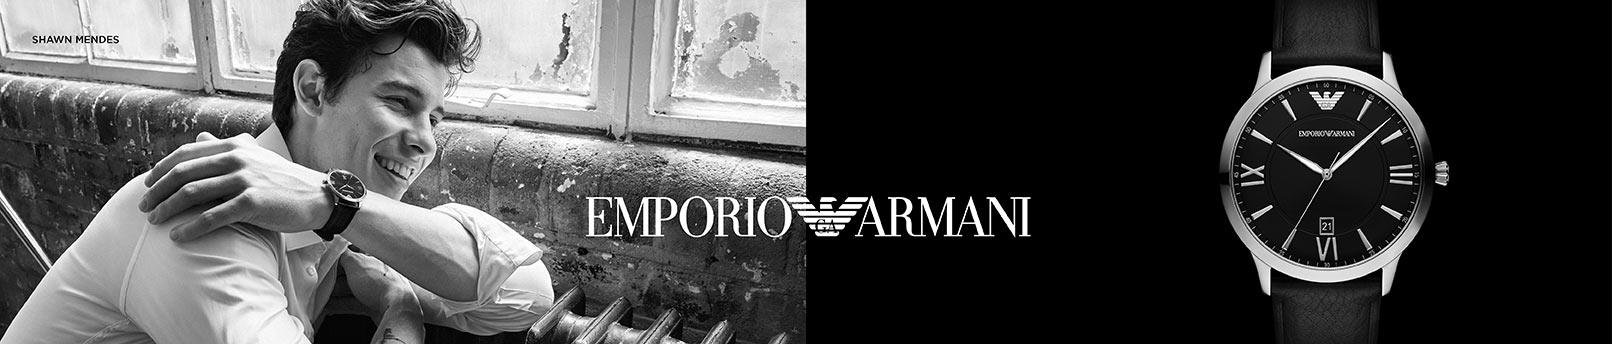 Emporio Armani shoppen